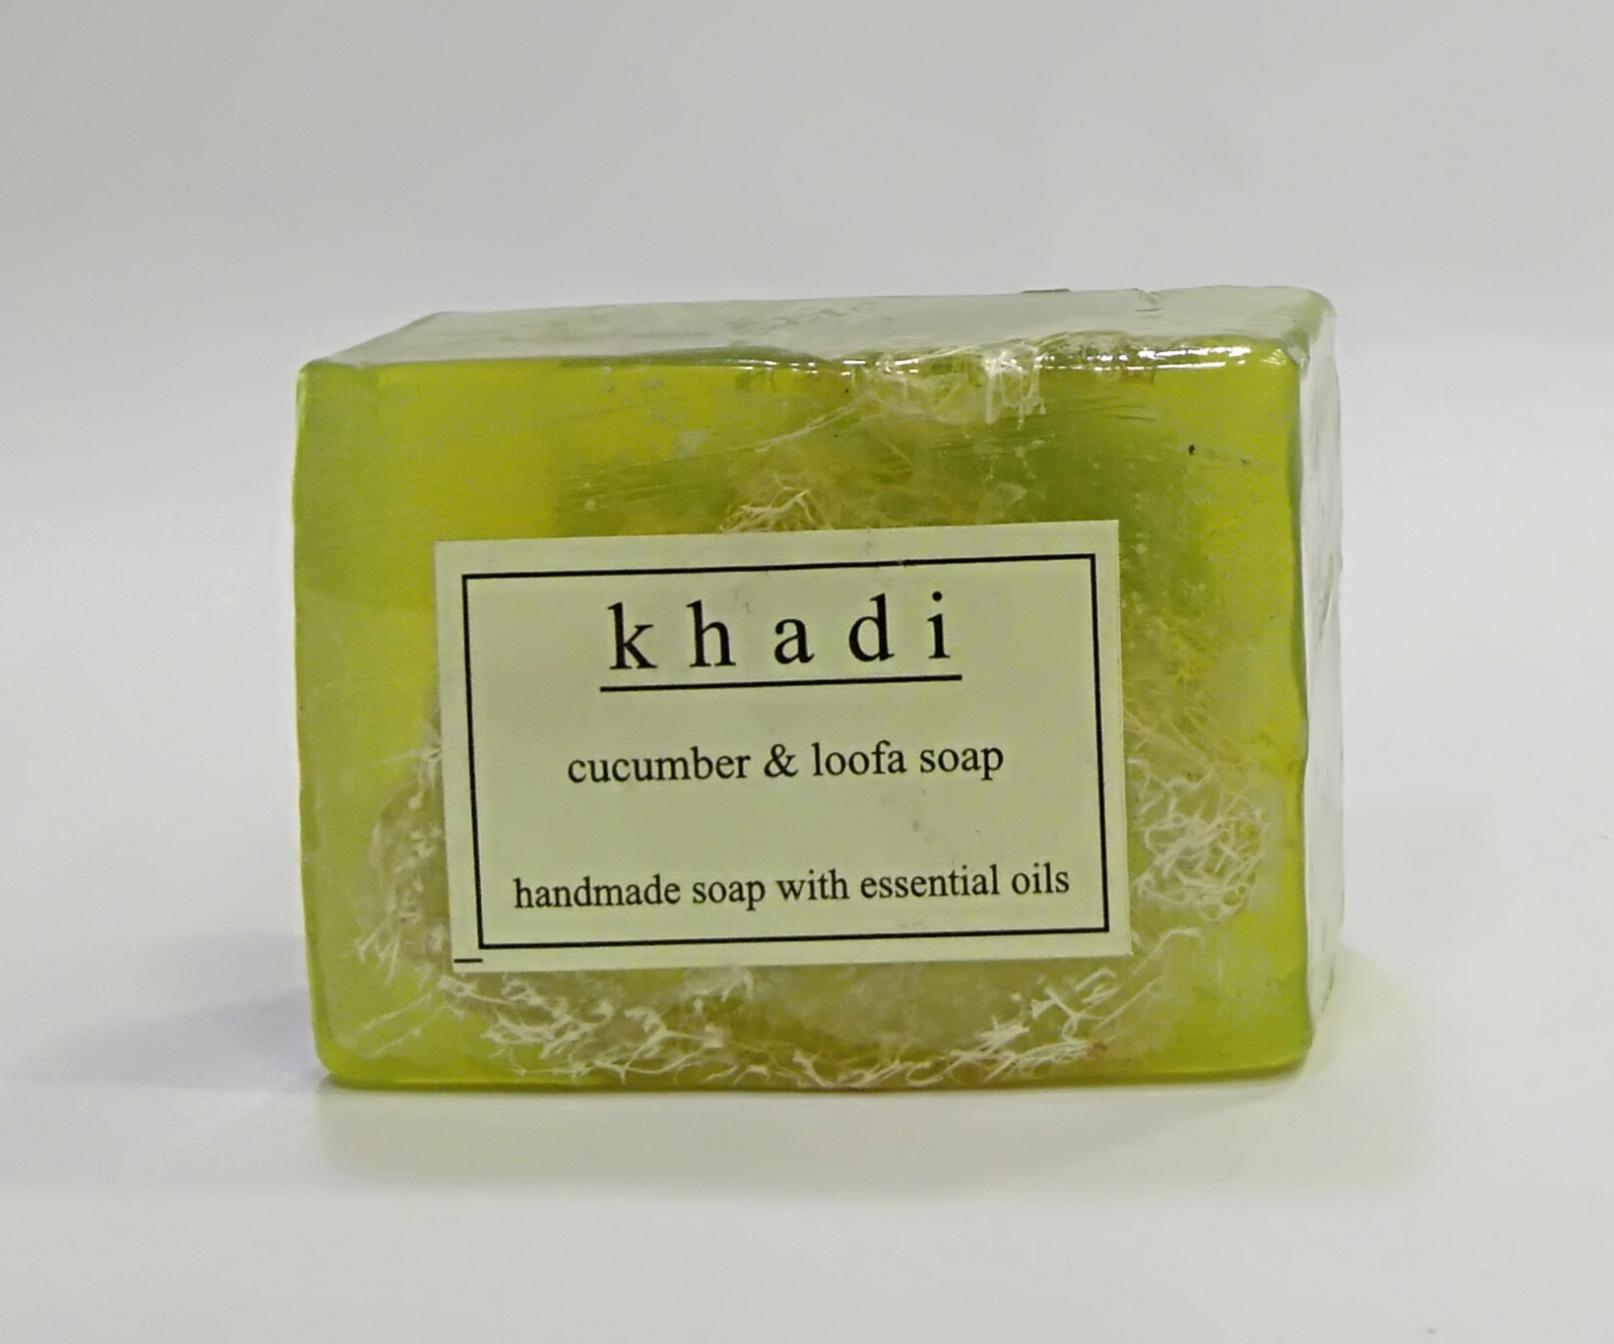 Khadi Handmade Cucumber Soap